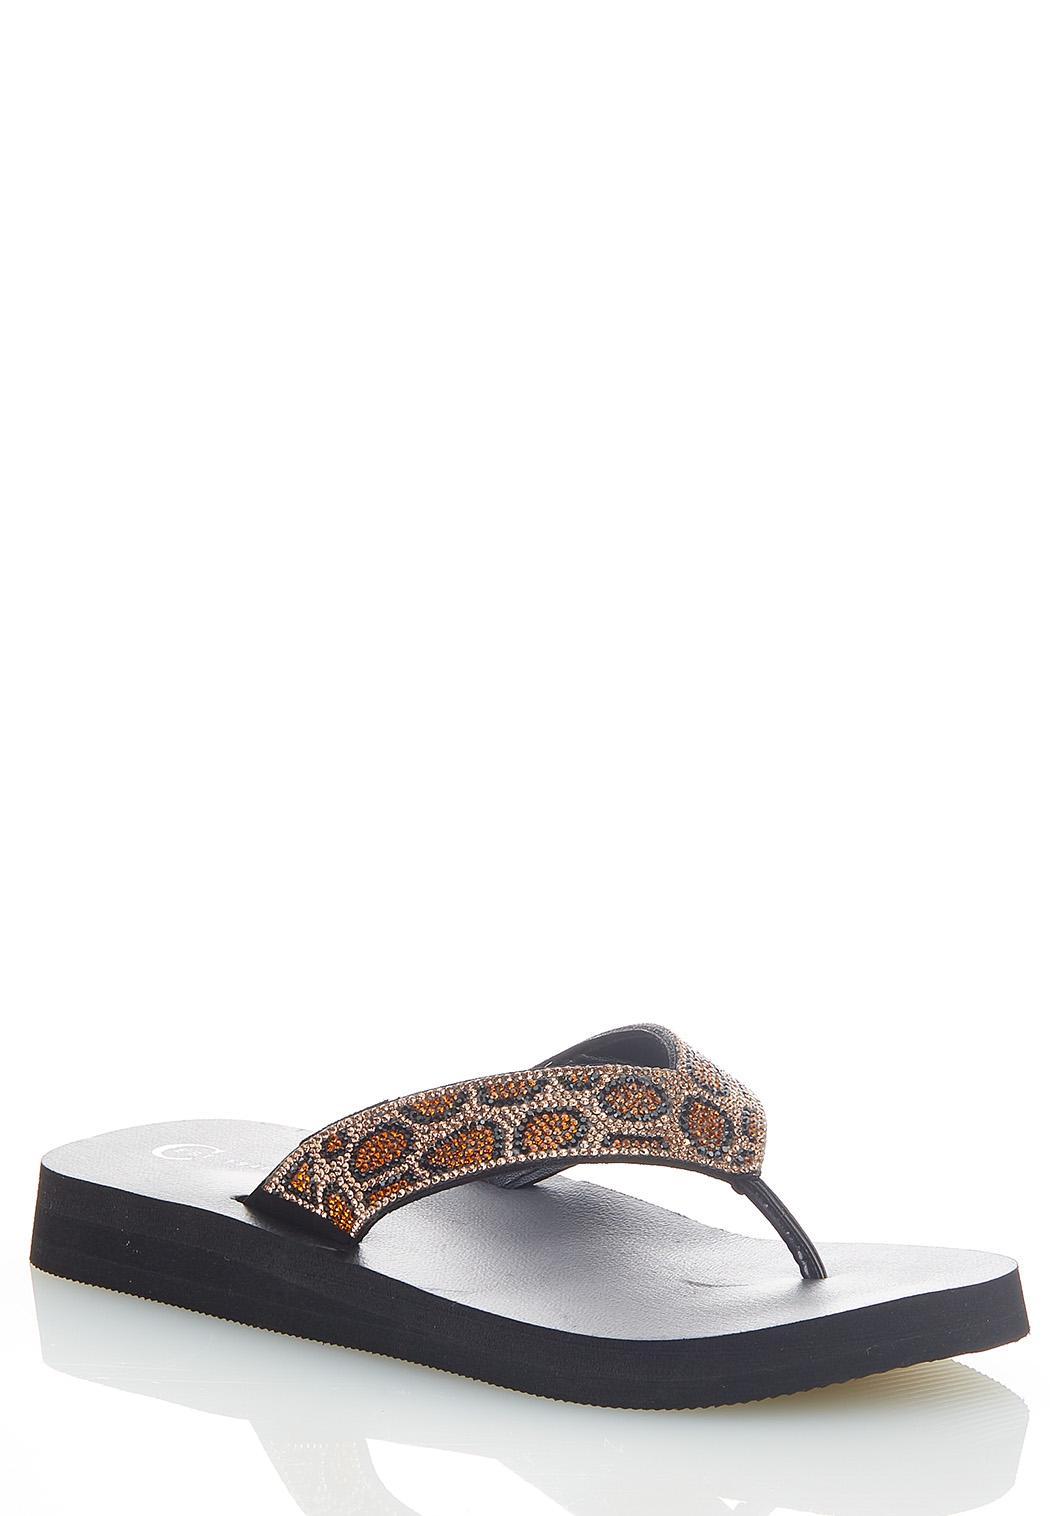 Leopard Rhinestone Flip Flops